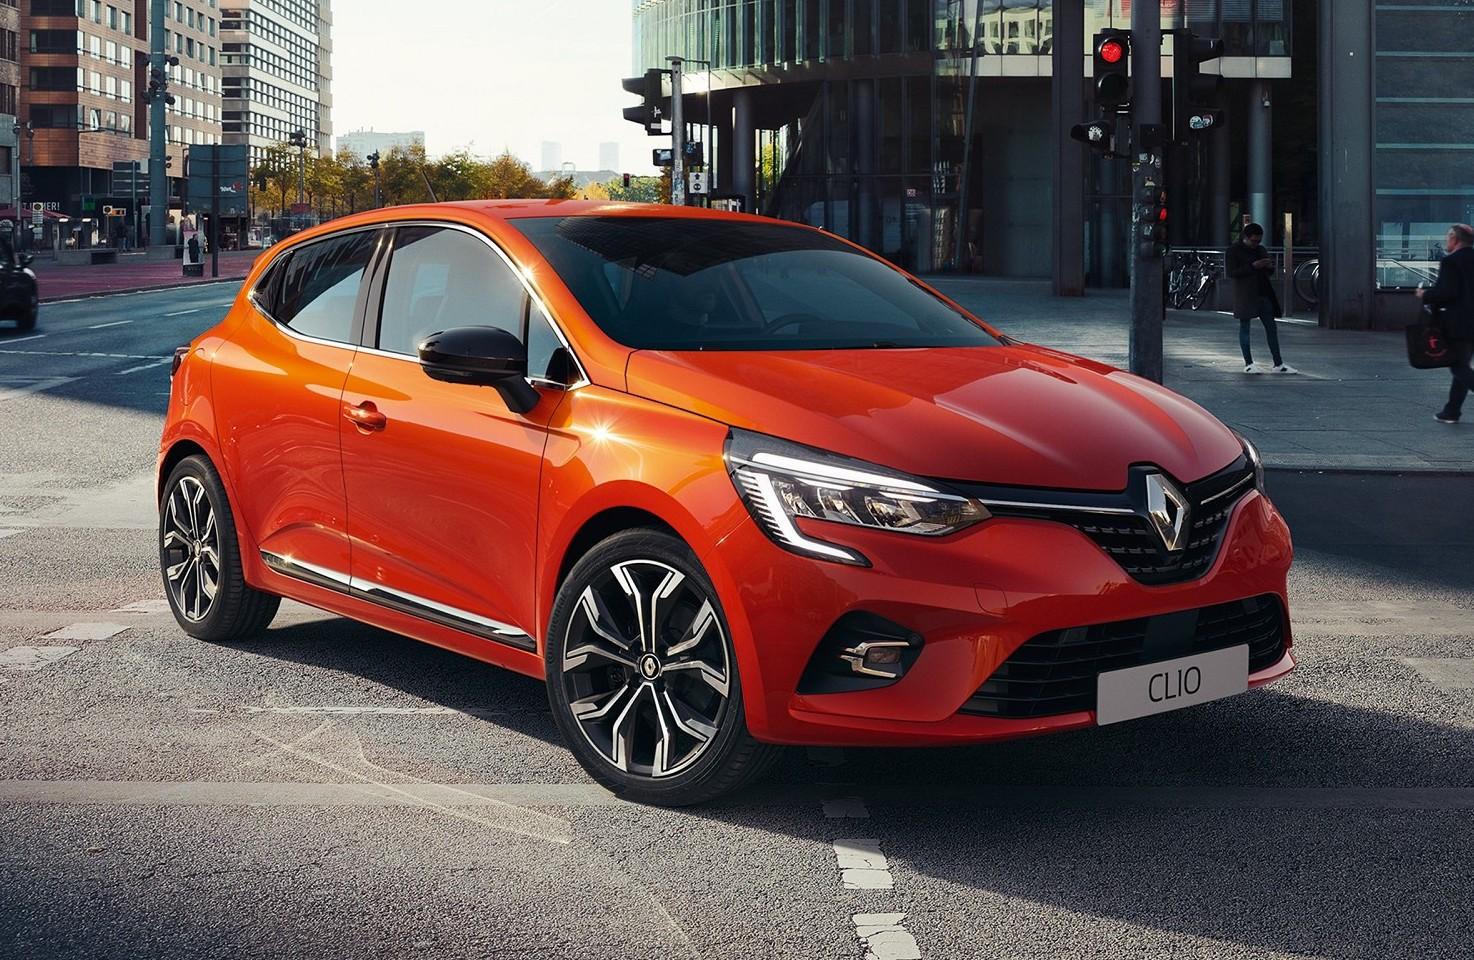 Renault Clio 2019 prezzi modelli, motori